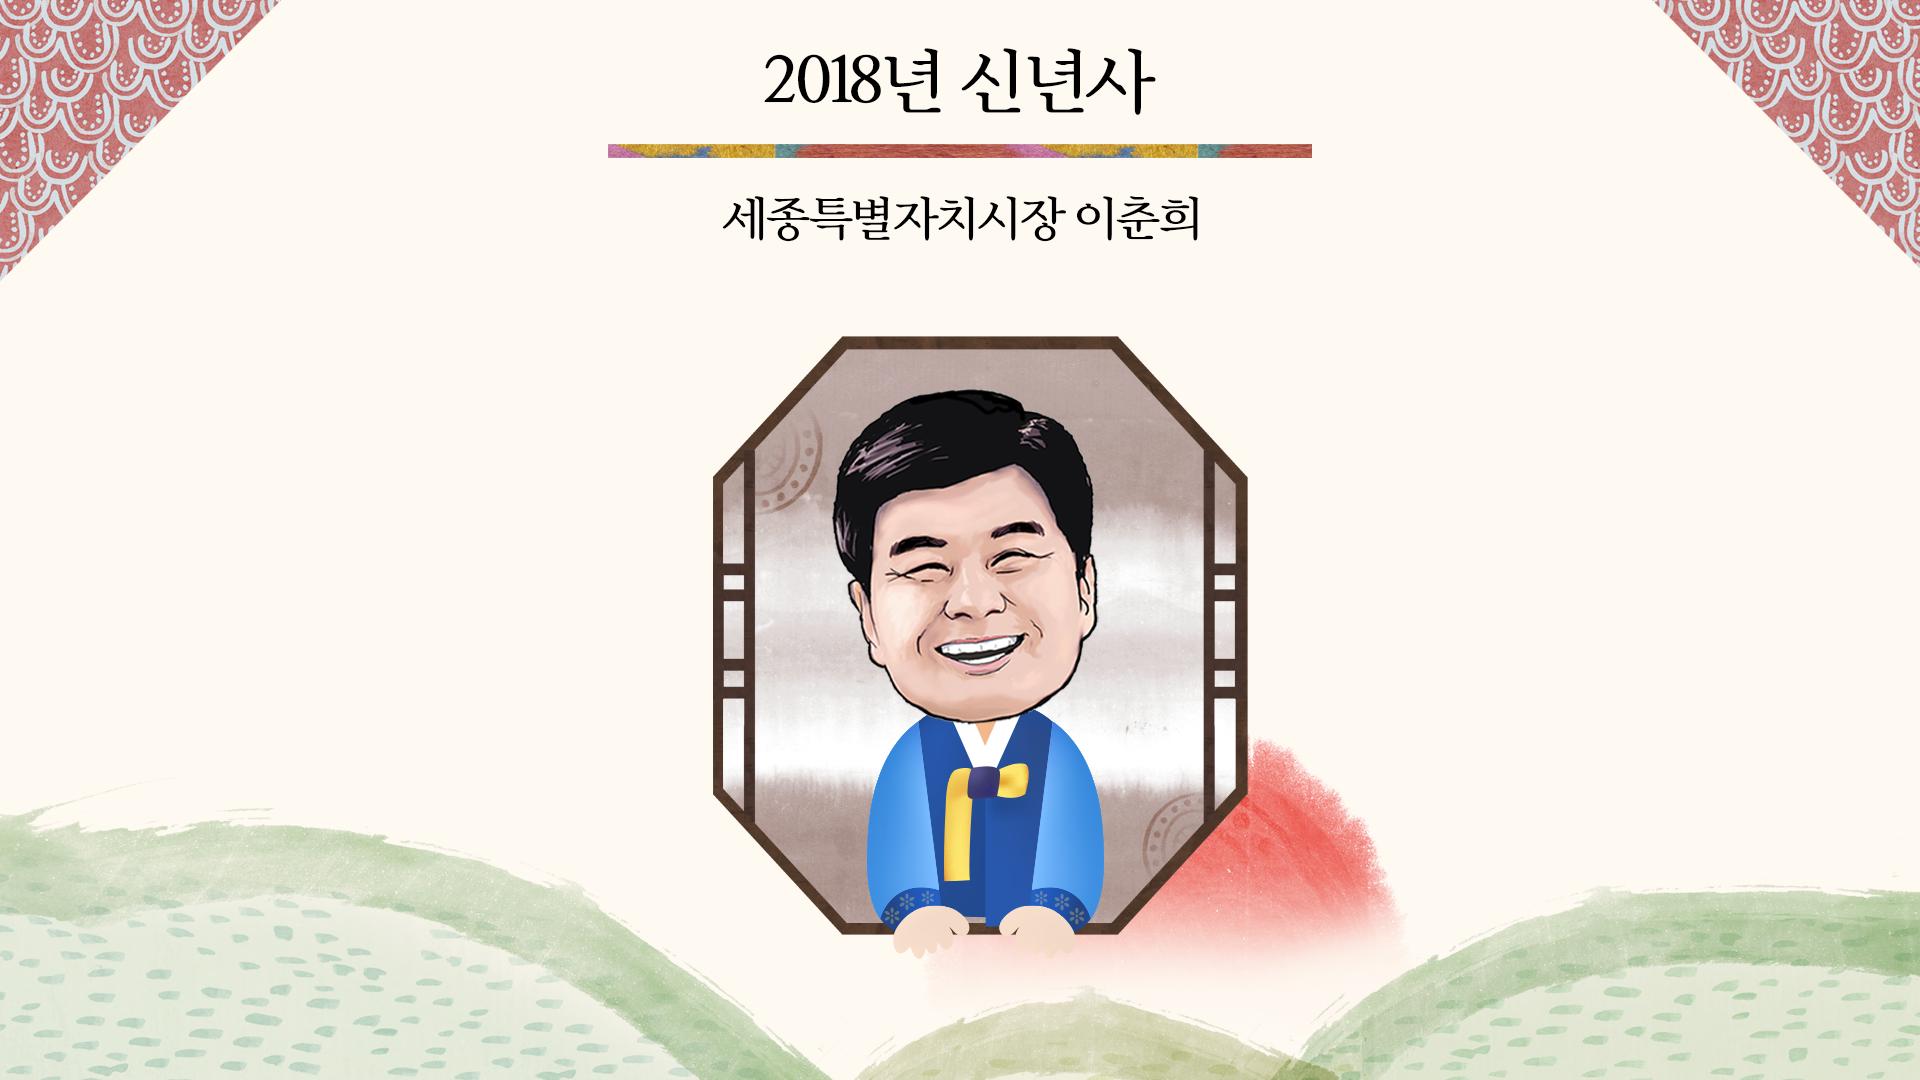 2018년 신년사